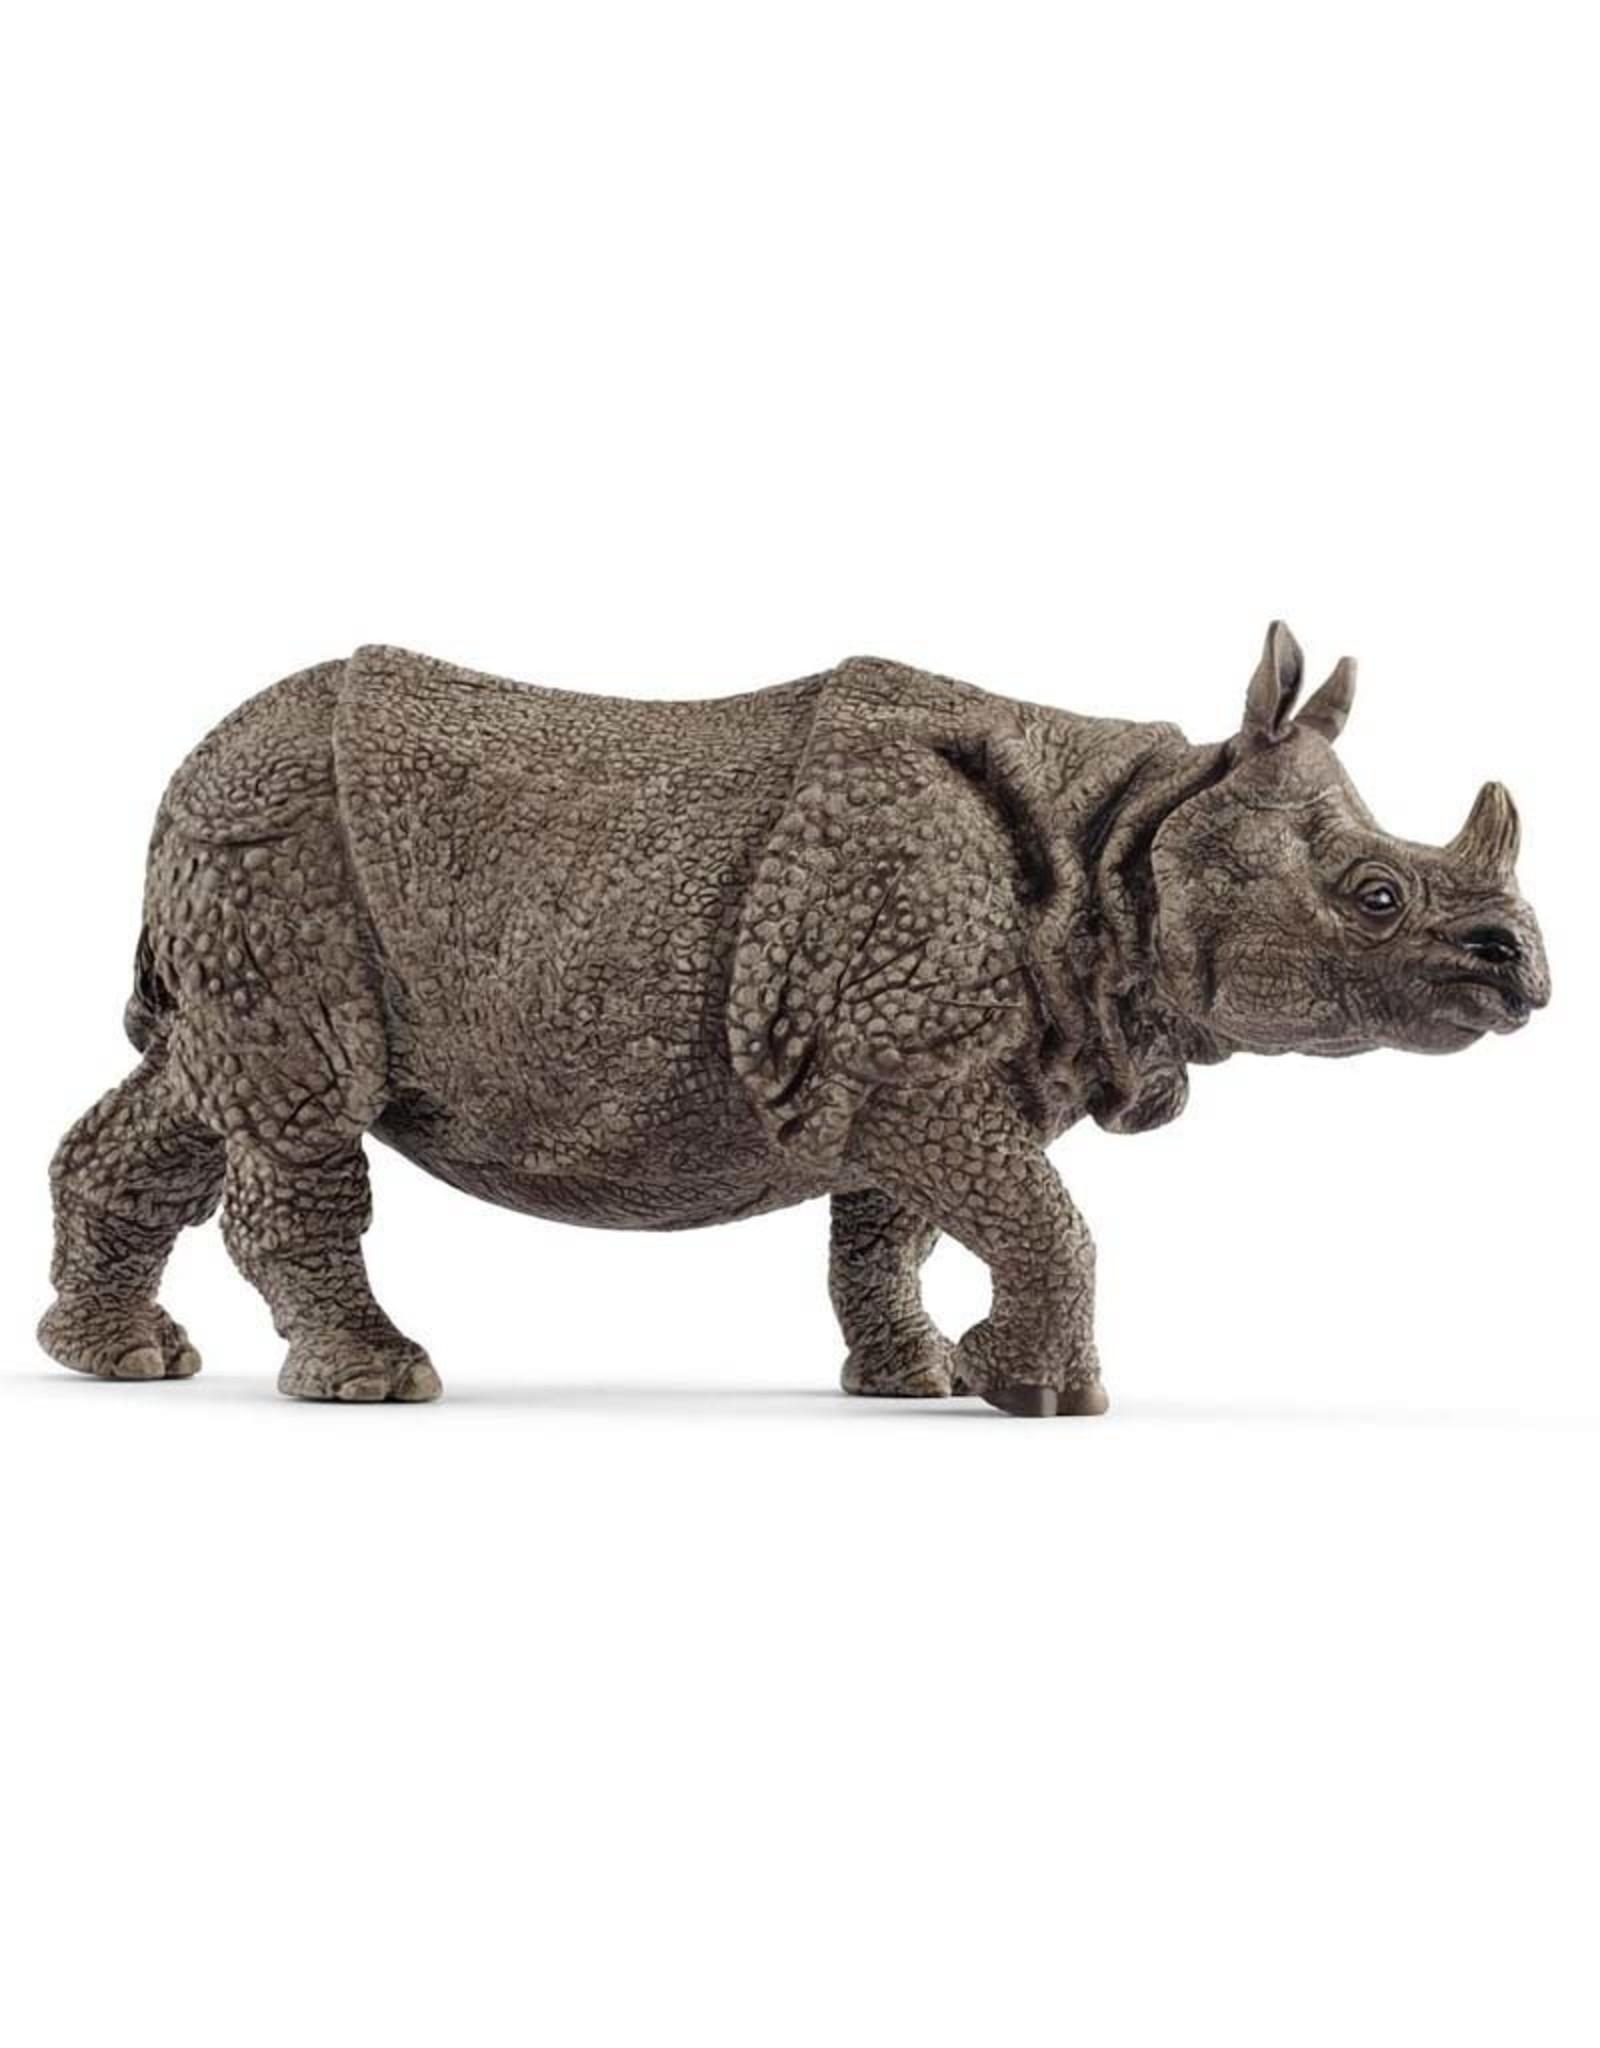 Schleich Schleich Rhino New